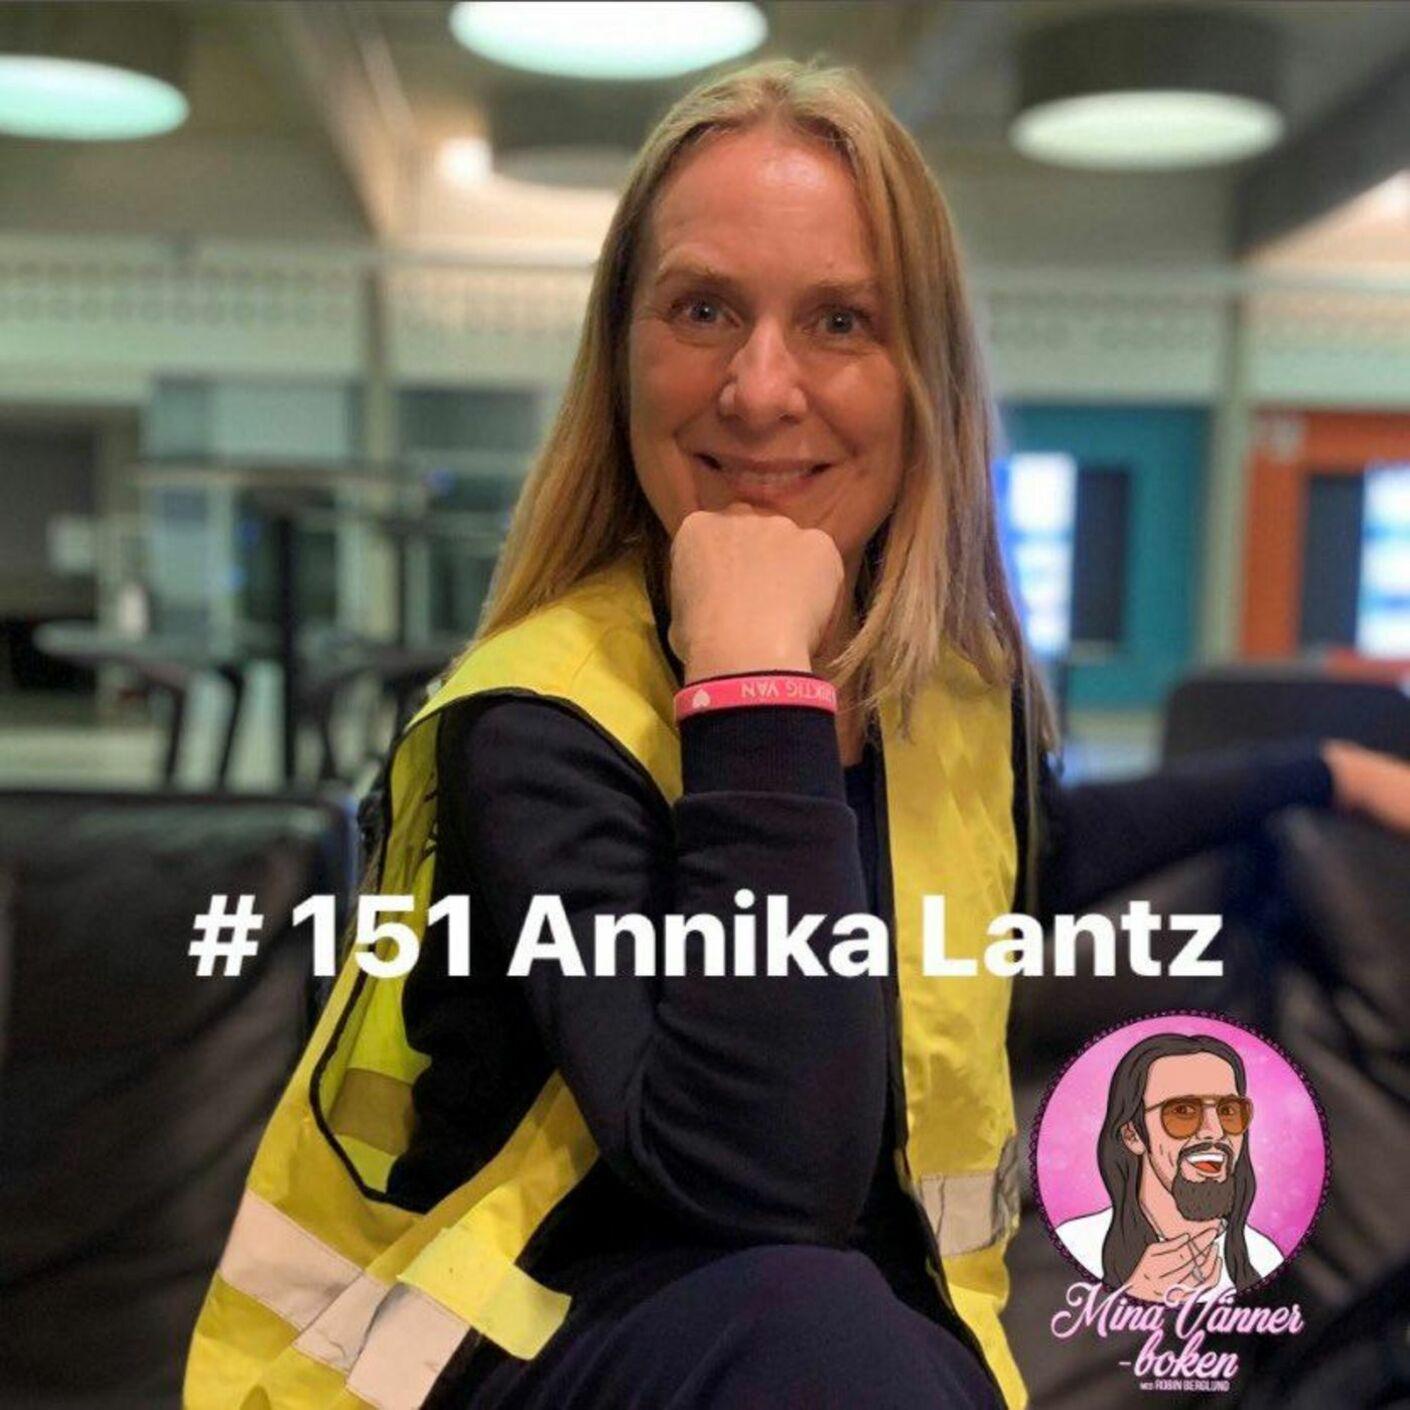 151. Annika Lantz